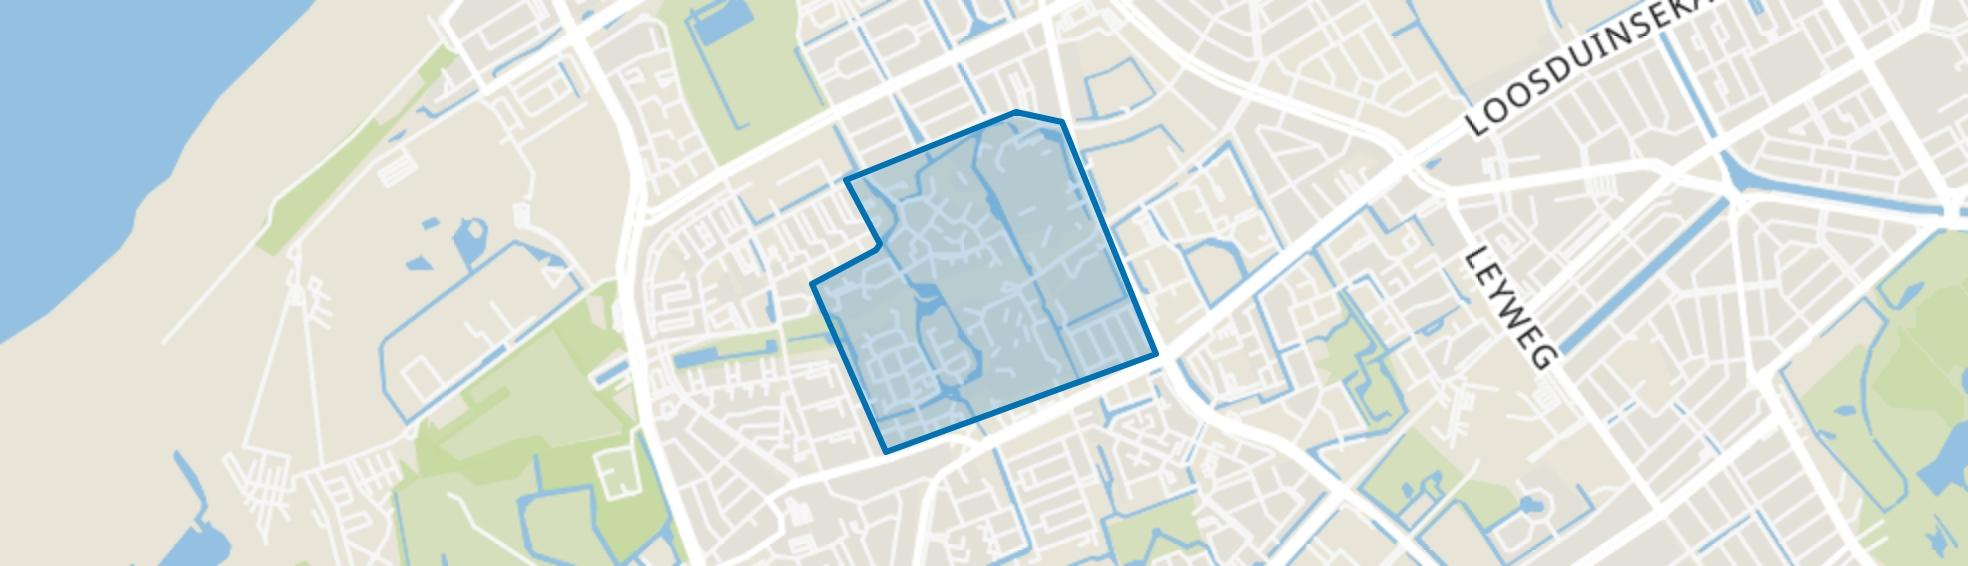 Nieuw Waldeck, Den Haag map